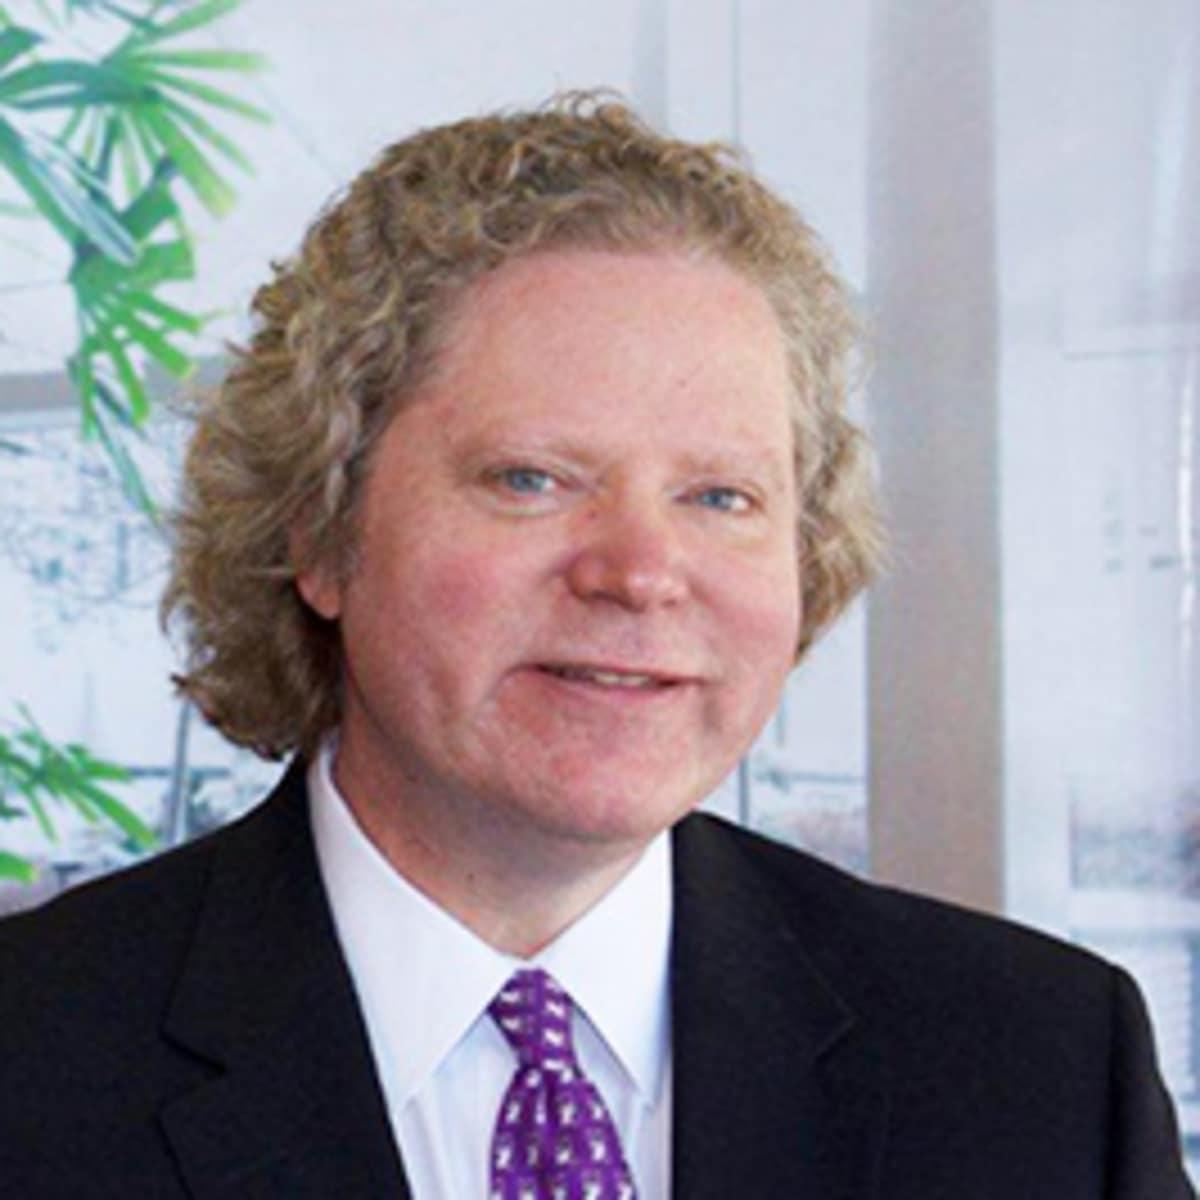 Dr Emilio Arispe in Omaha, NE with Reviews - YP.com